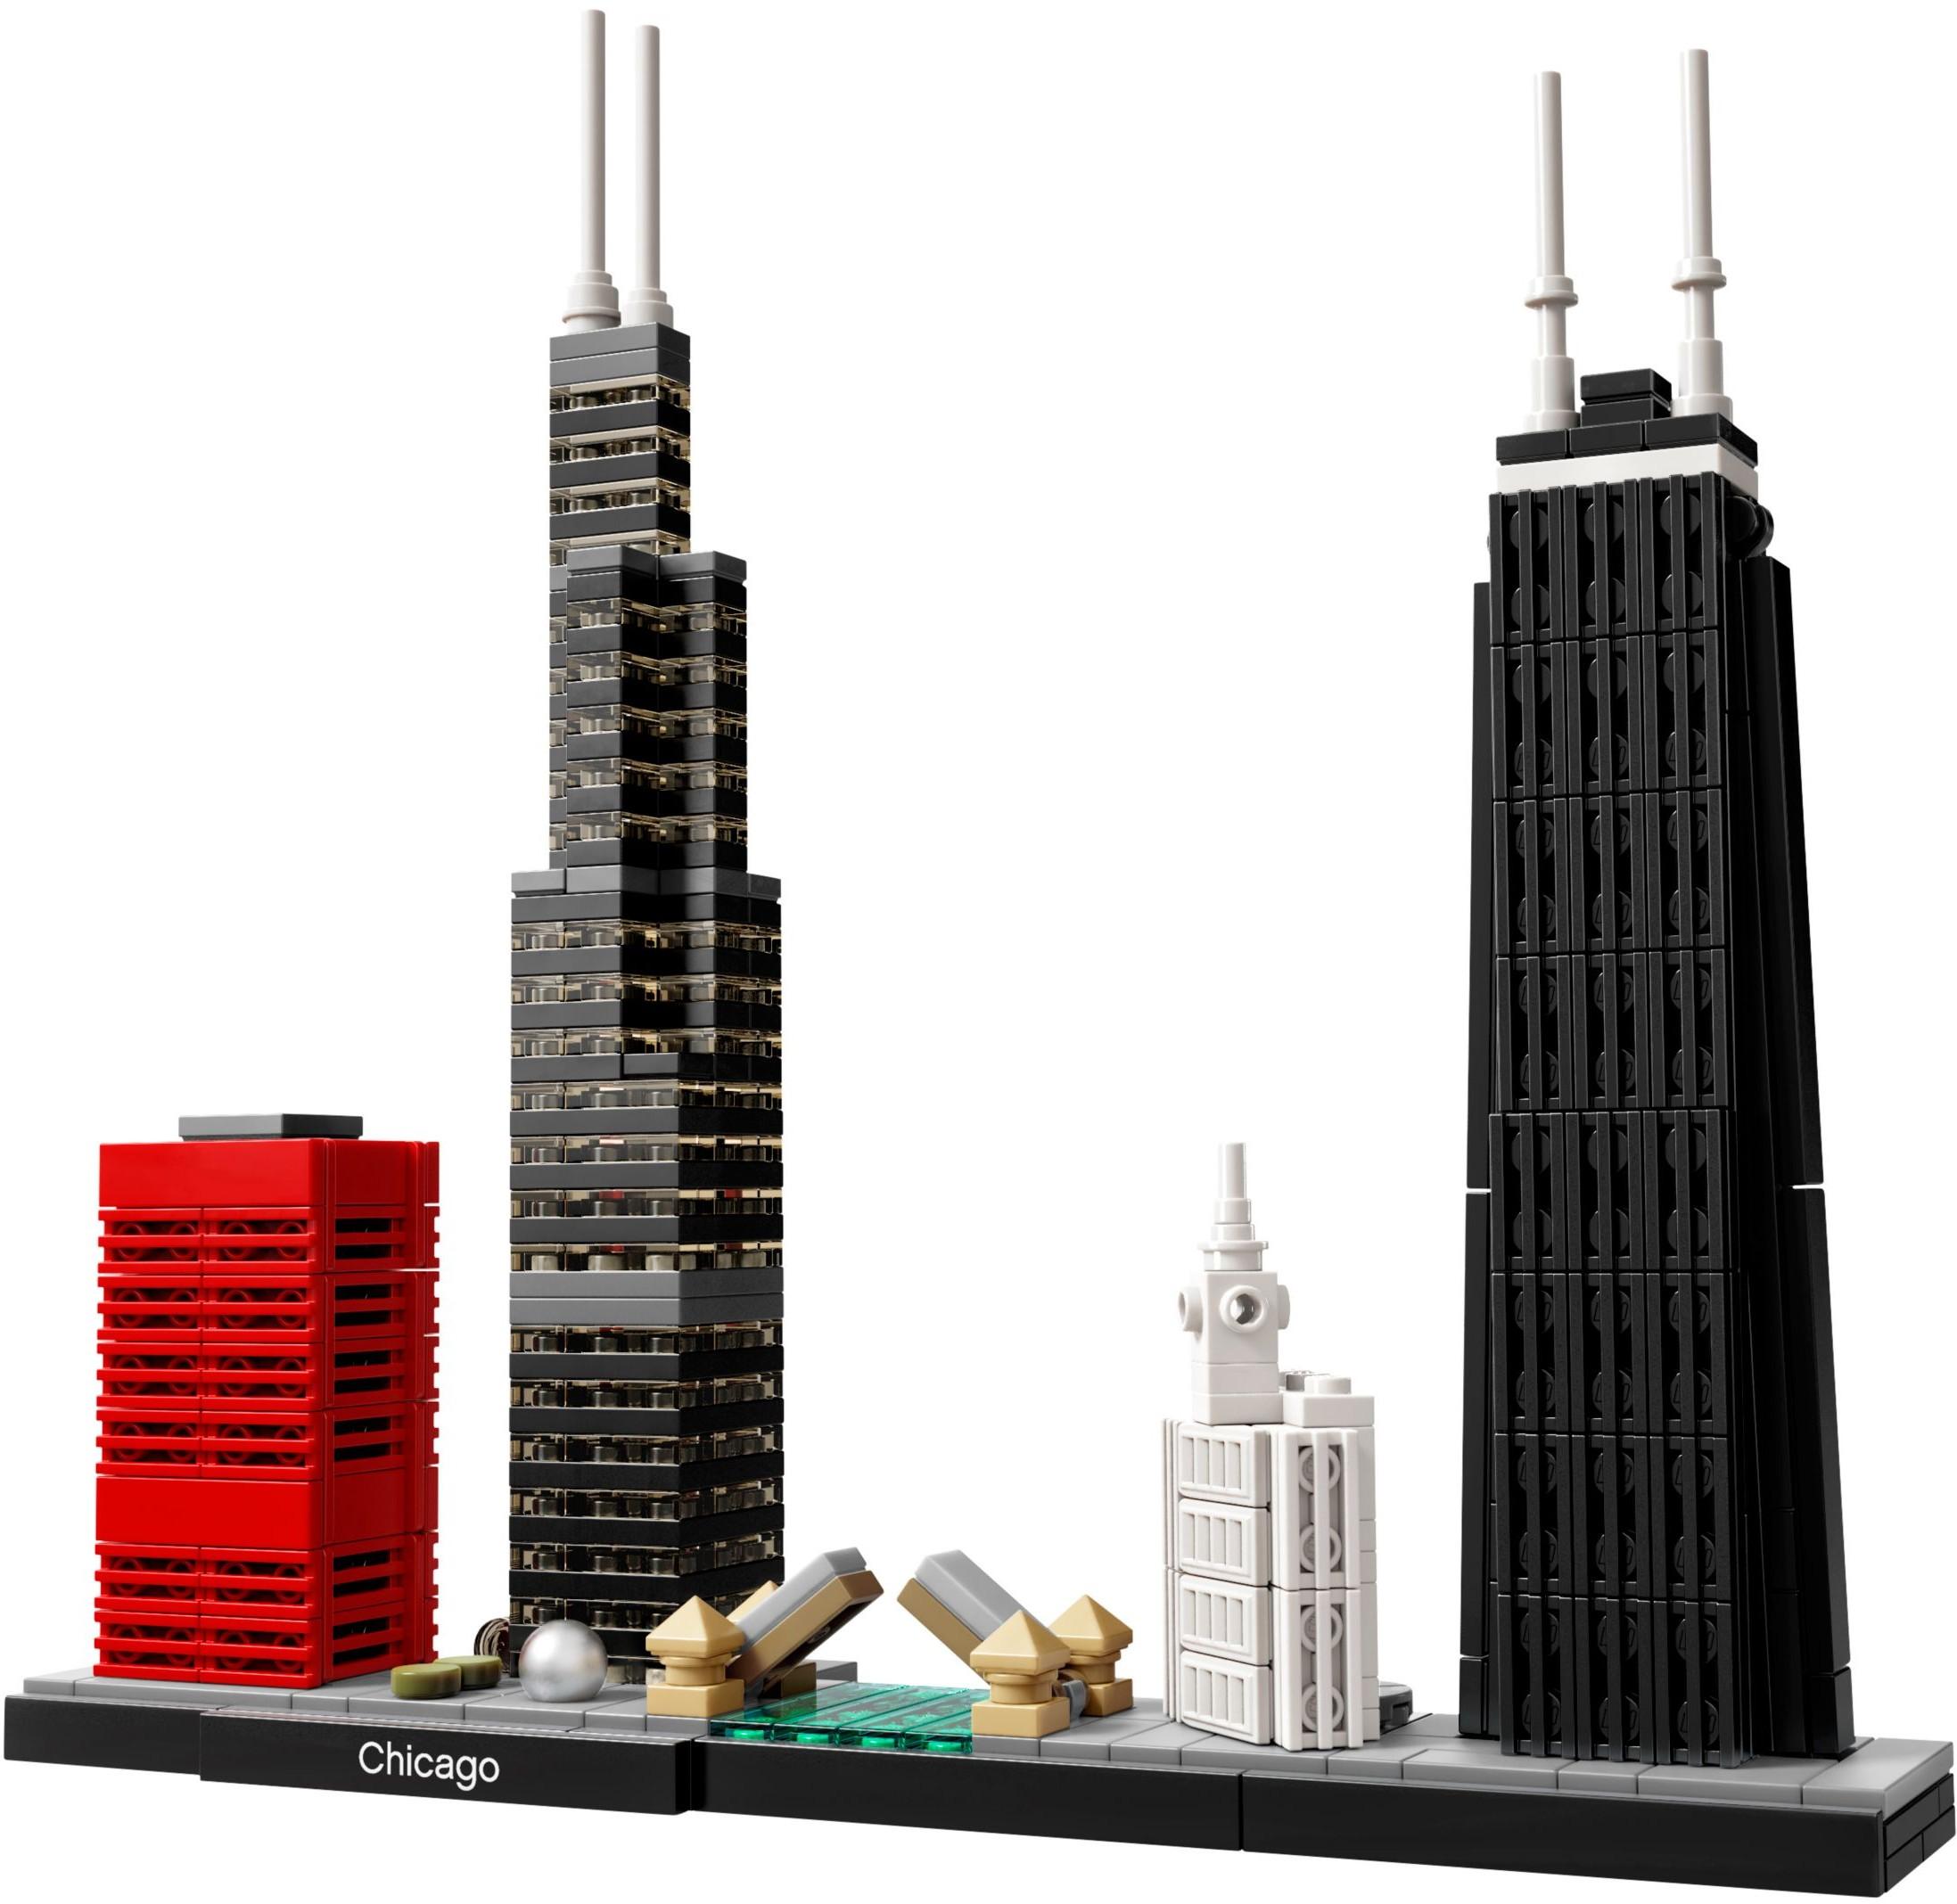 新產品LEGO樂高21033 世界建築街景 禮讚芝加哥 拼插積木玩具擺件